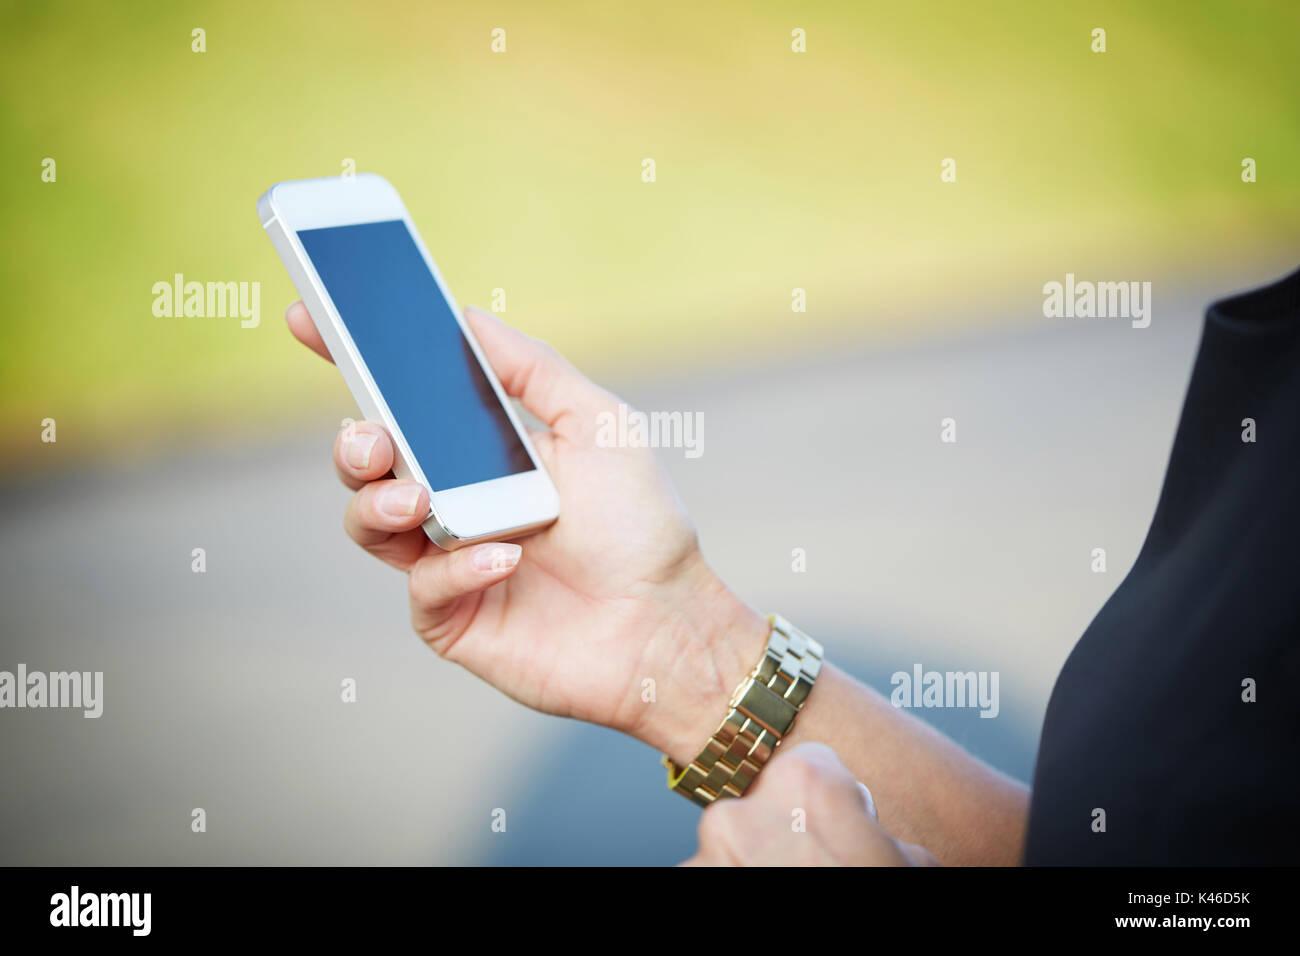 Unrecognizable person holding white smartphone. - Stock Image